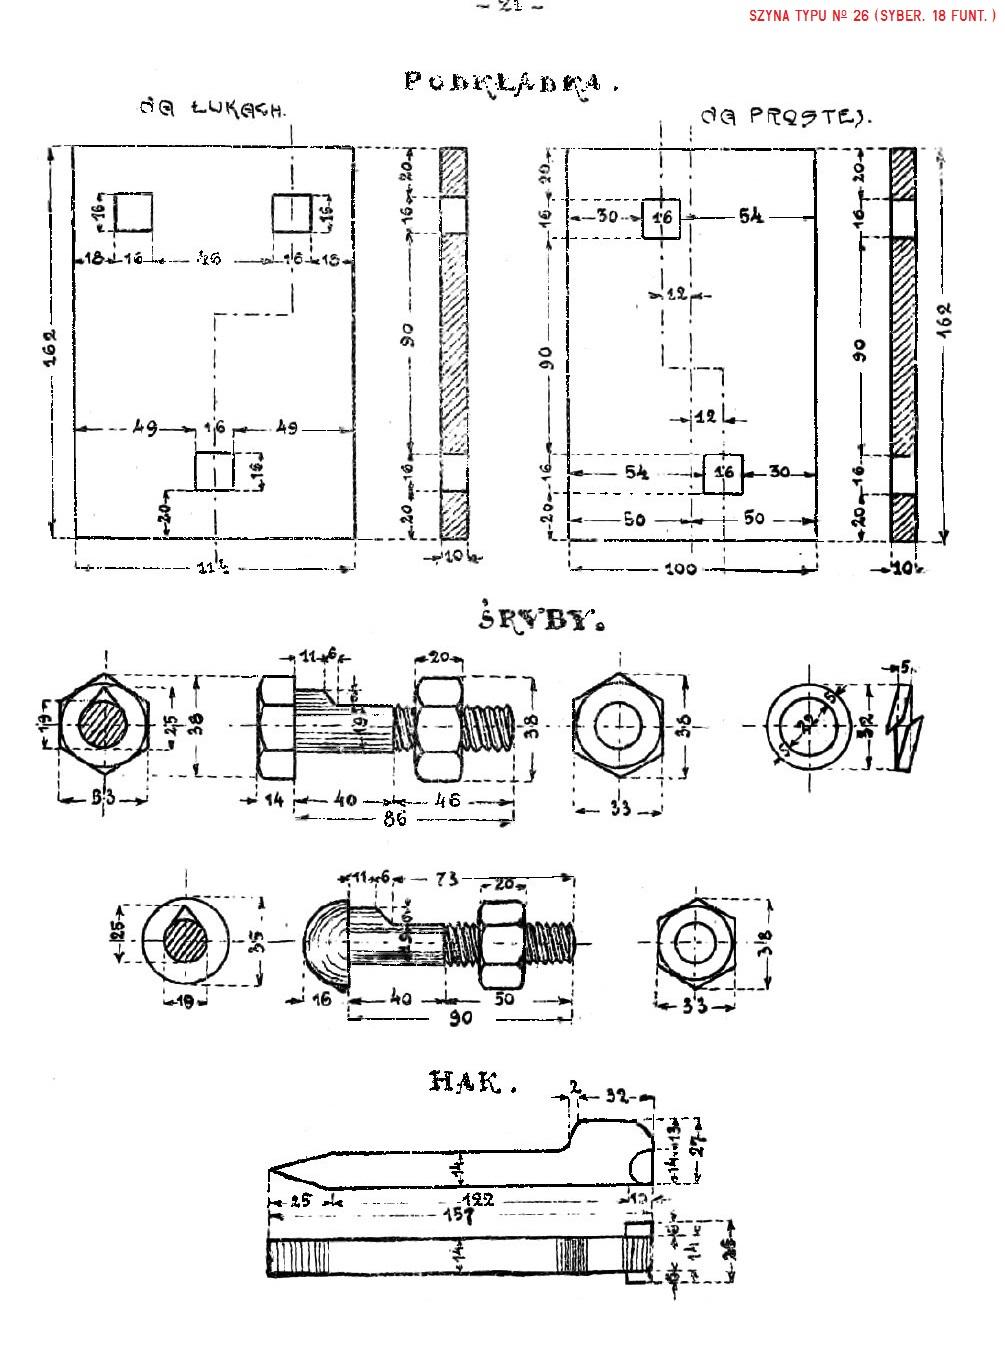 Album nawierzchni 1925. str. 21 - Szyna No 26 (syber. 18 funt.).jpg